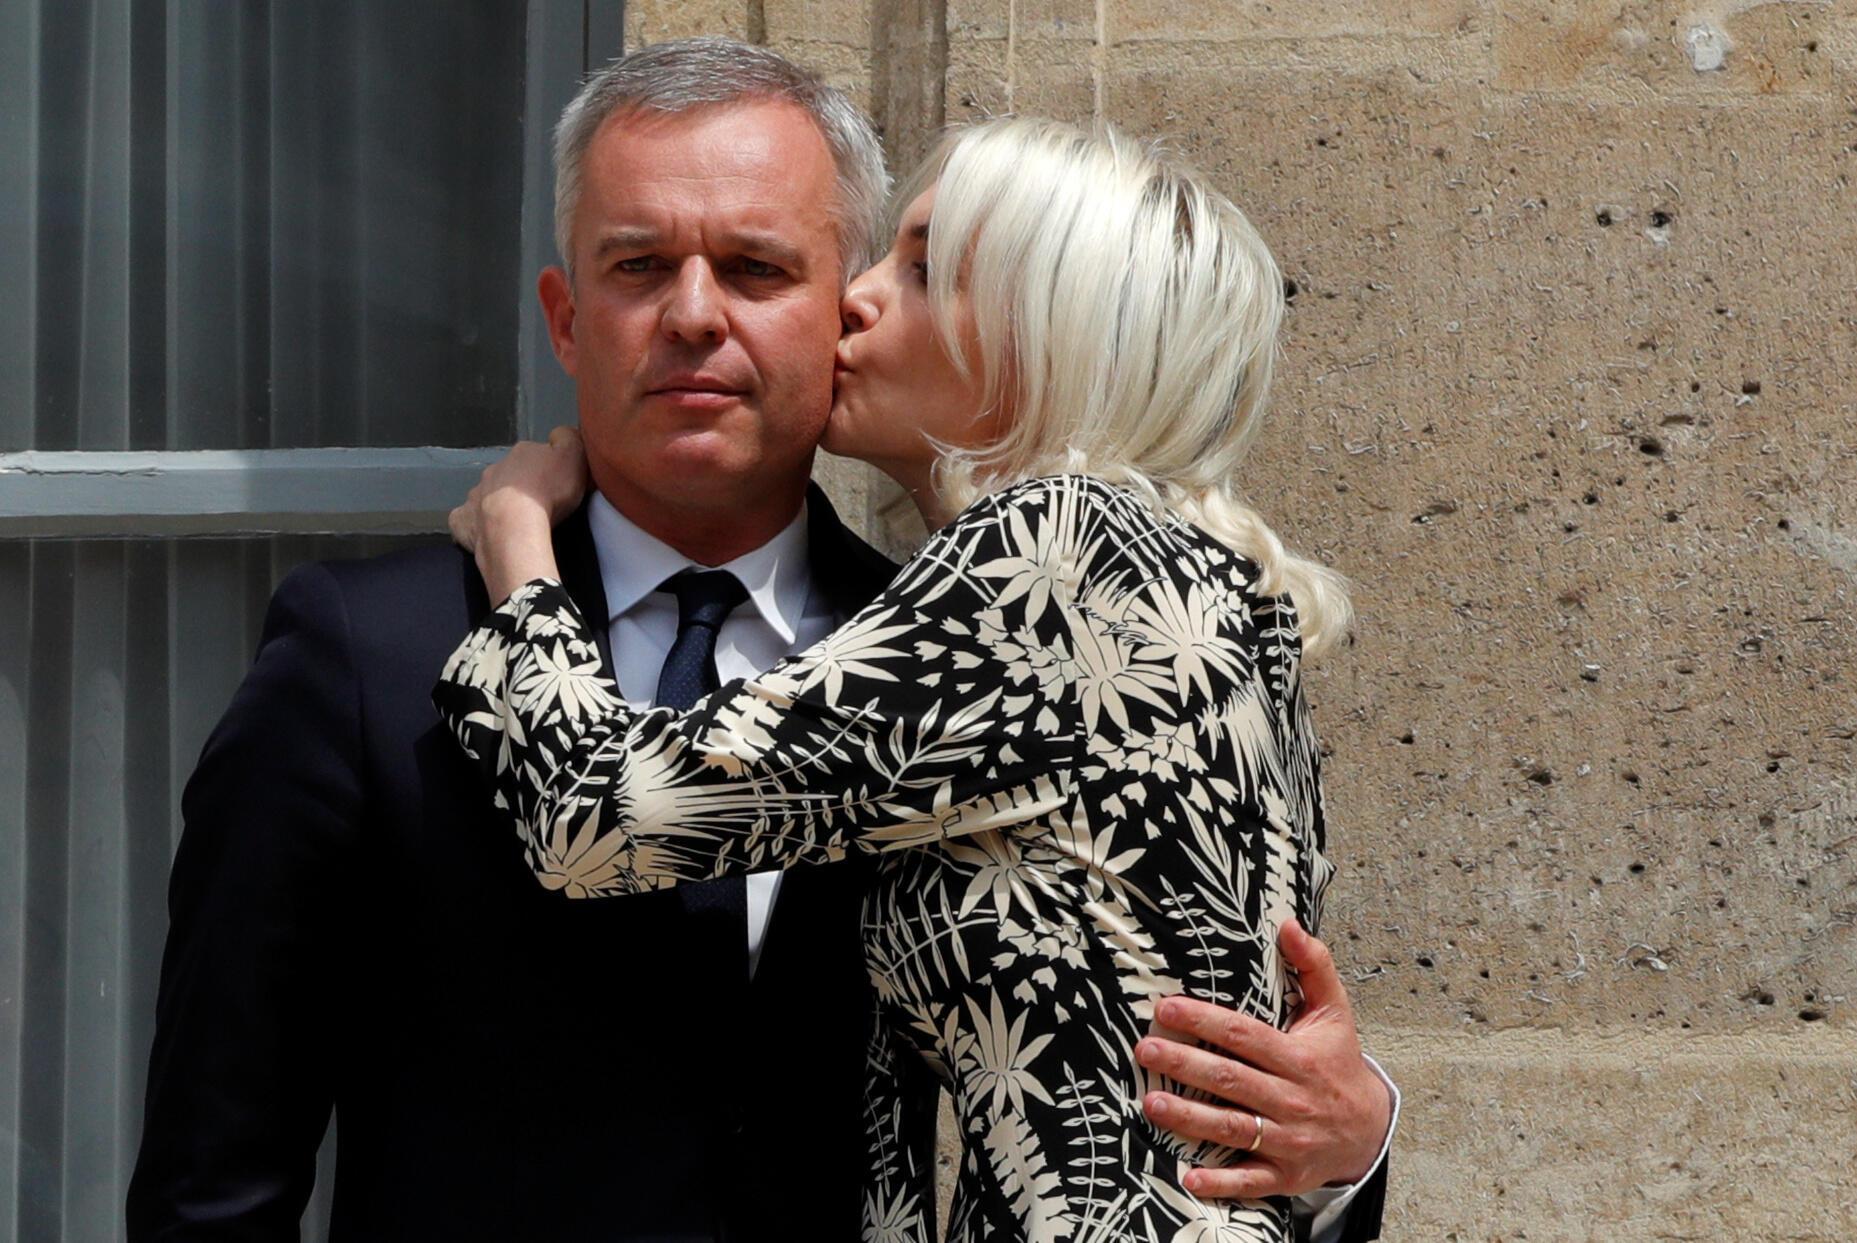 被迫辞职的法国前环保部长,政府二号人物弗朗索瓦.德吕吉与夫人在部长交班仪式上。